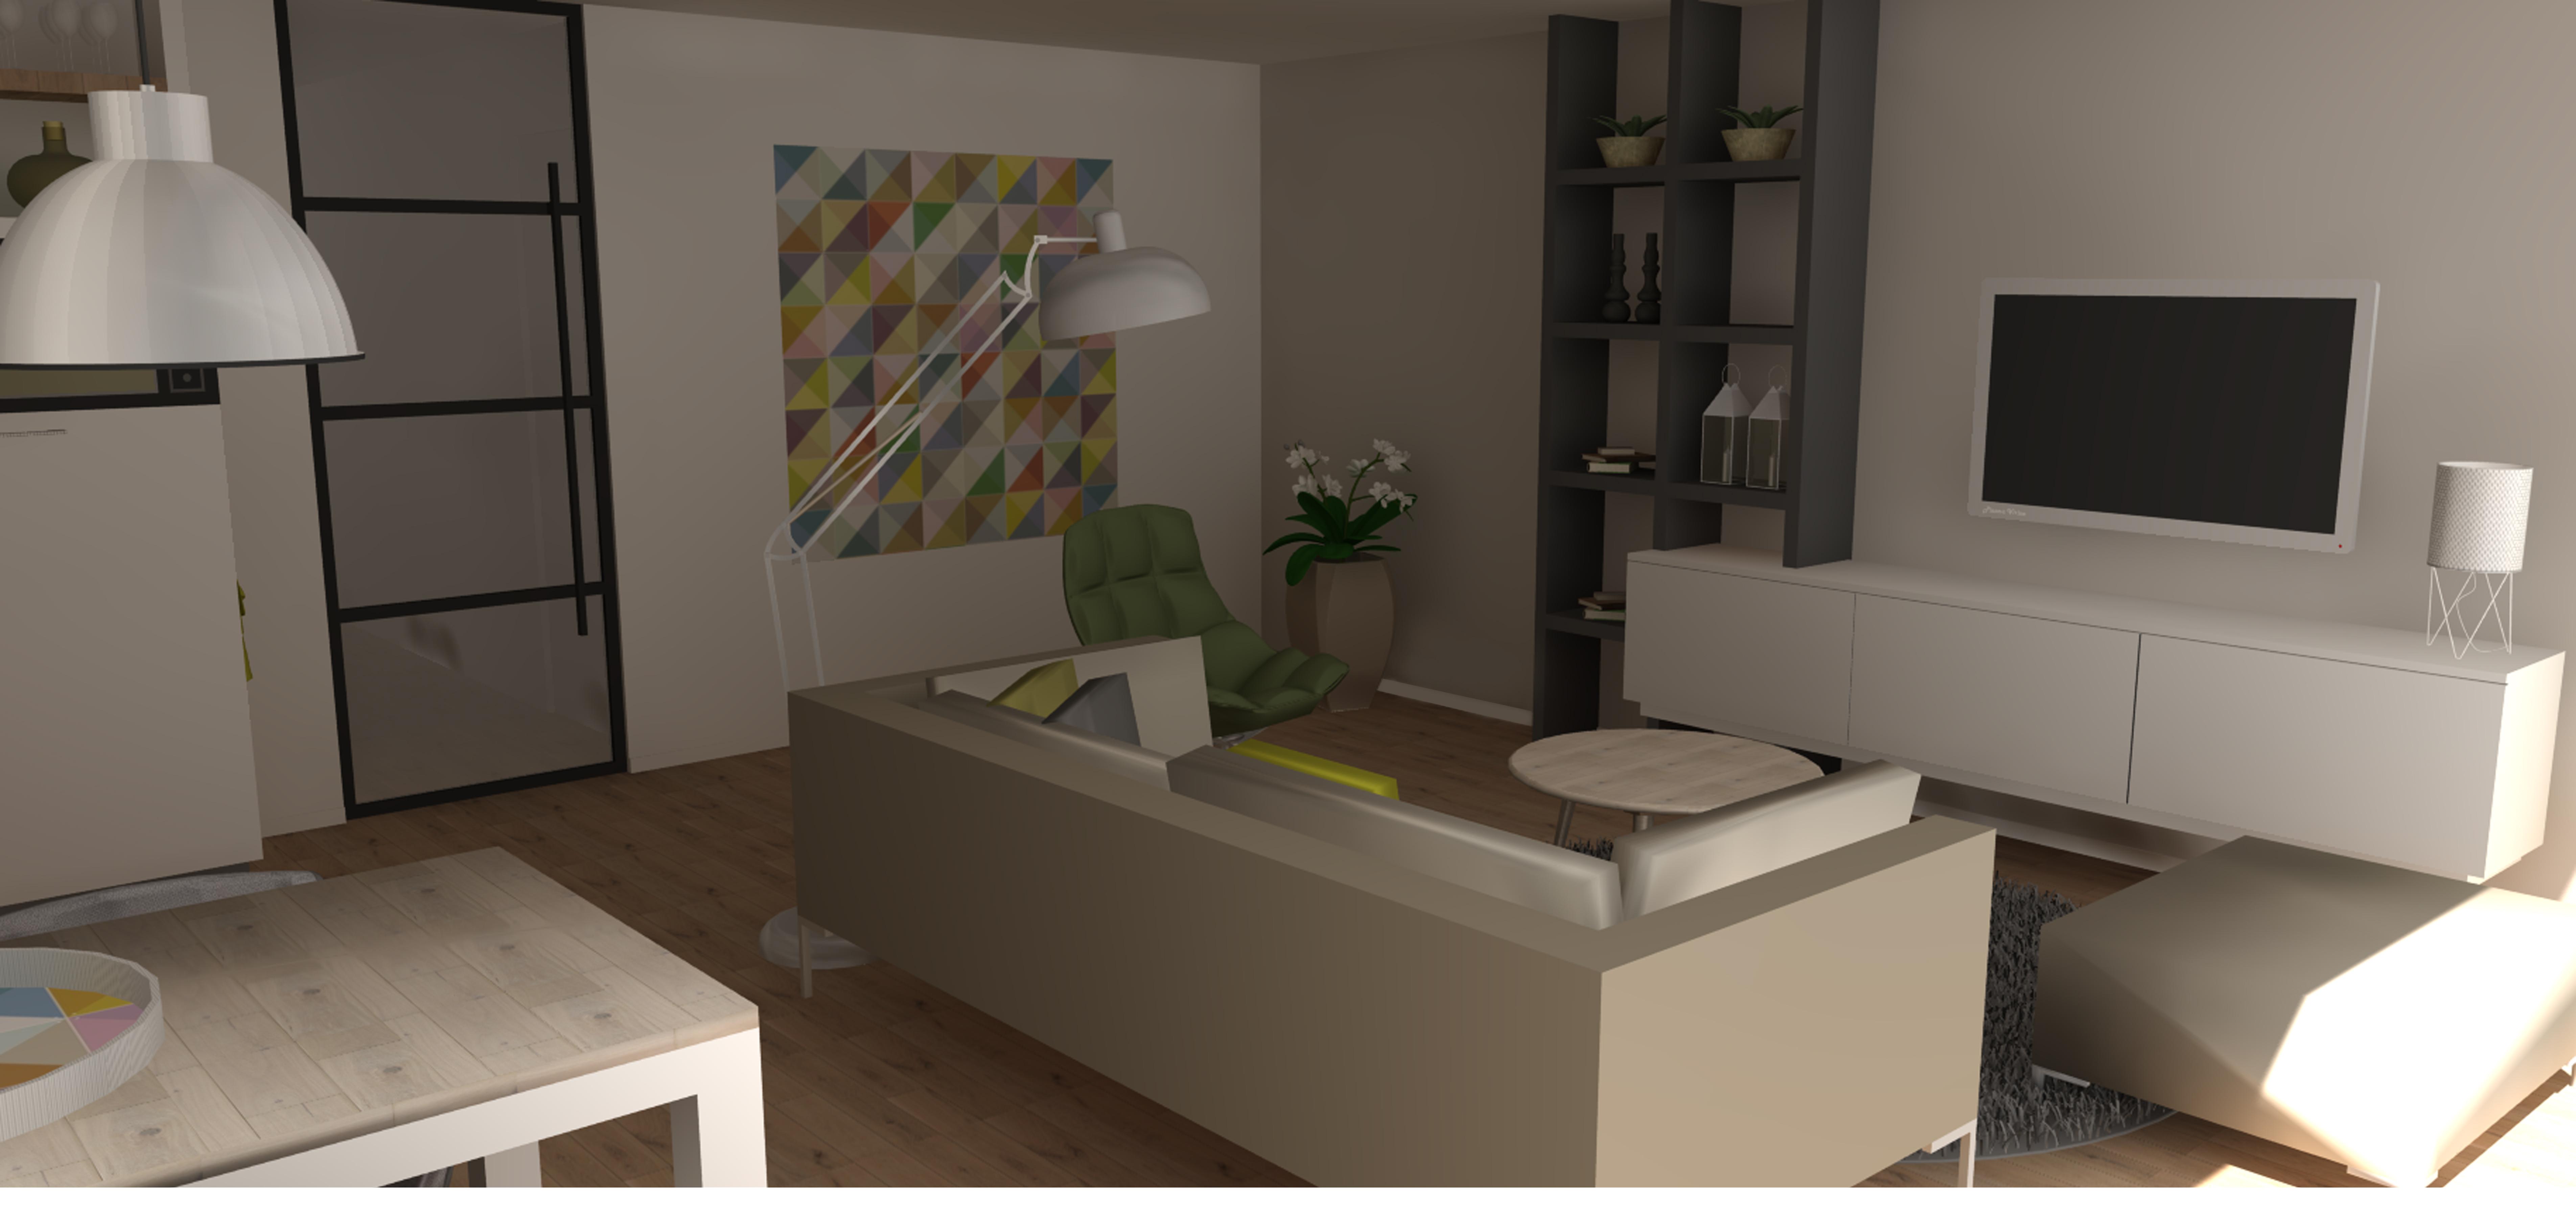 appartement-2-2016-11-20-19501100000nieuw